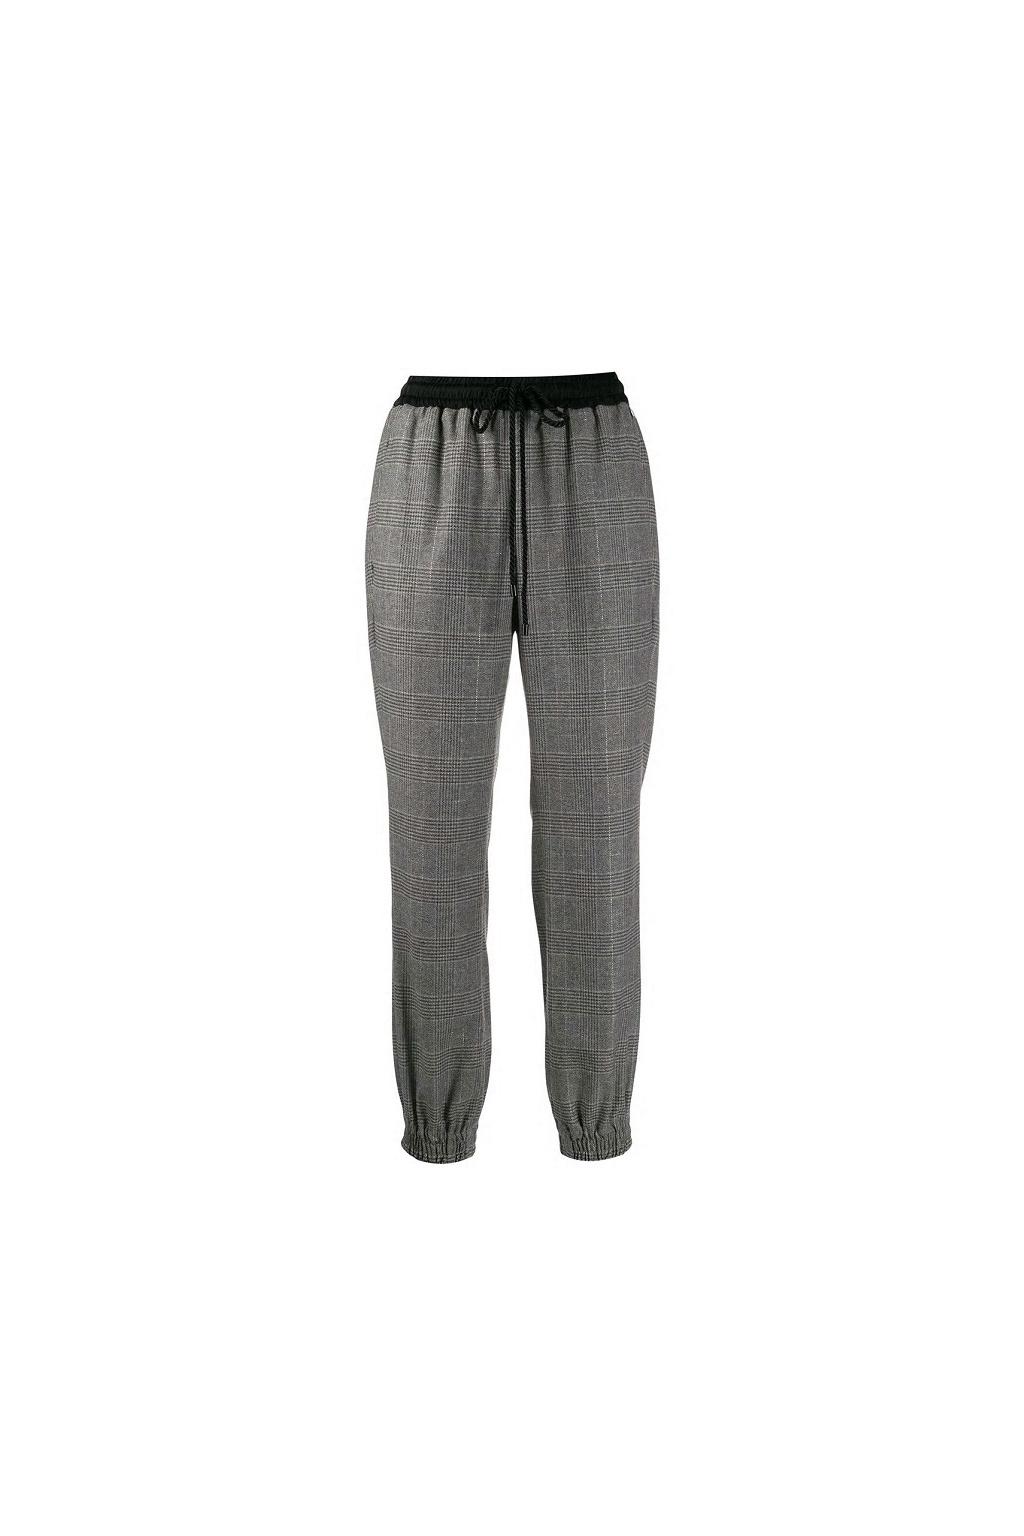 192TT2441 Twinset kalhoty šedé